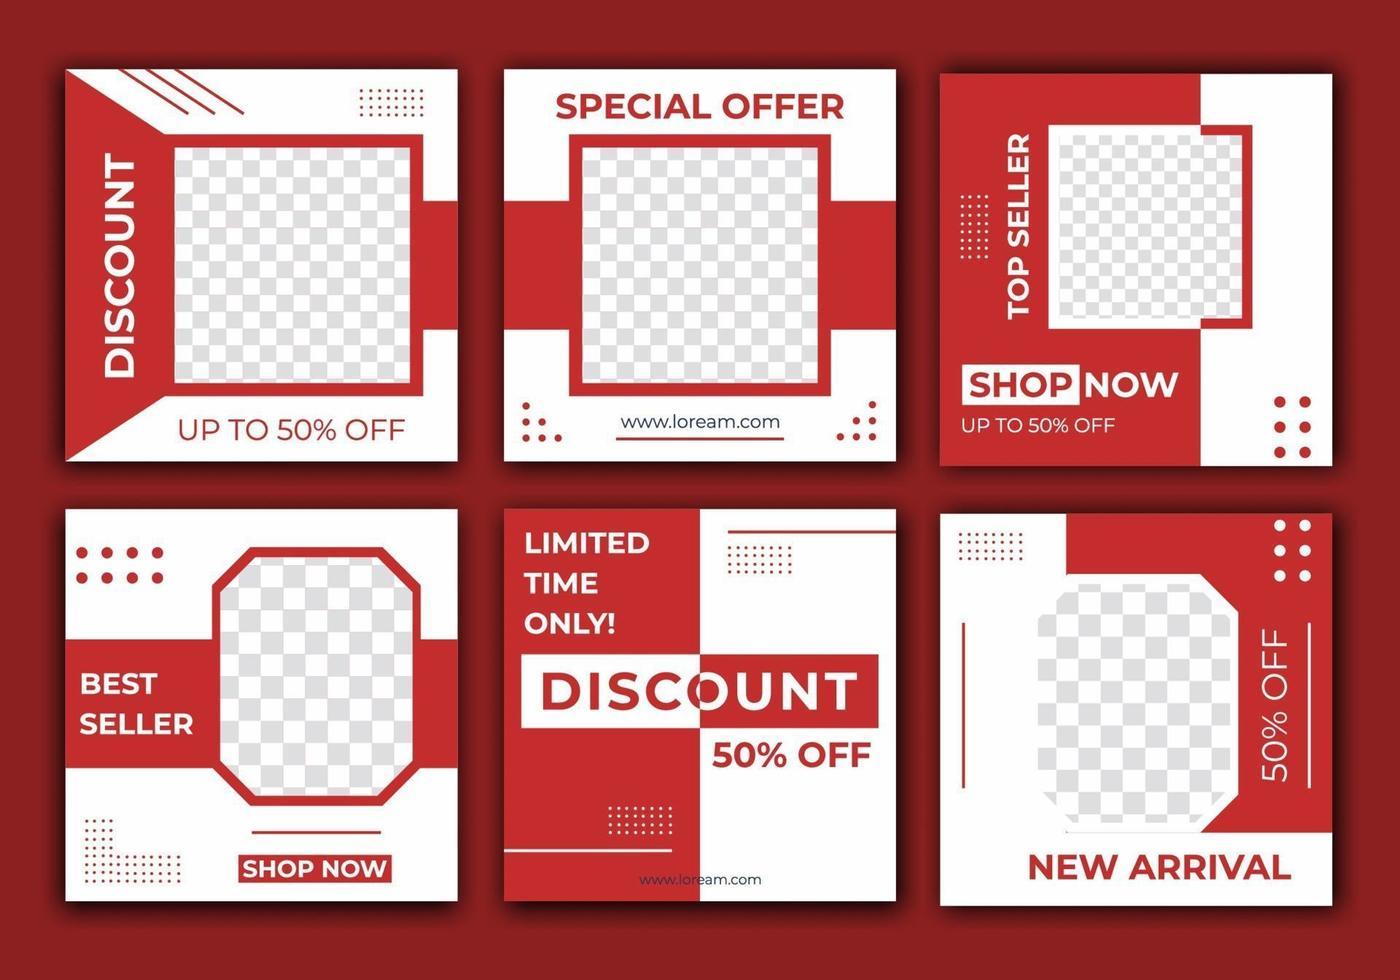 sjabloonpost voor advertenties op sociale media, verkoop van webbanners voor promotie op sociale media. bewerkbare set van social media feed frame-ontwerp met lichtrode kleur. vectorillustratie met foto college vector